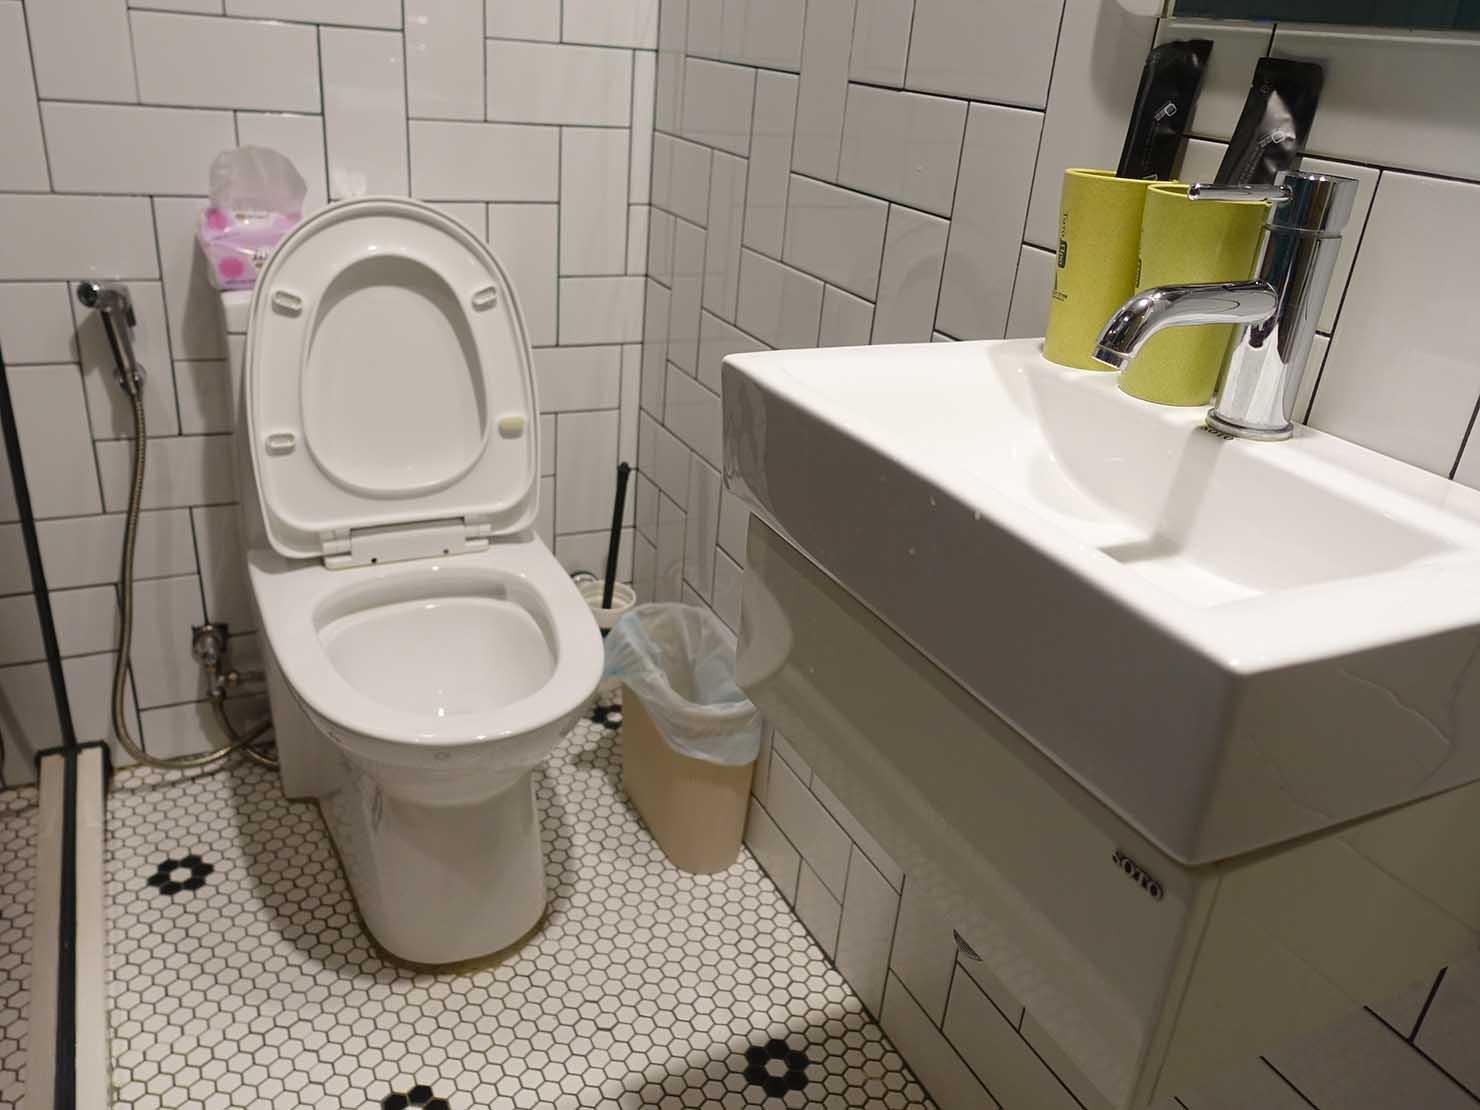 台中駅徒歩10分のリーズナブルなおすすめミニホテル「光原宿 Light House」ダブルルームのトイレ